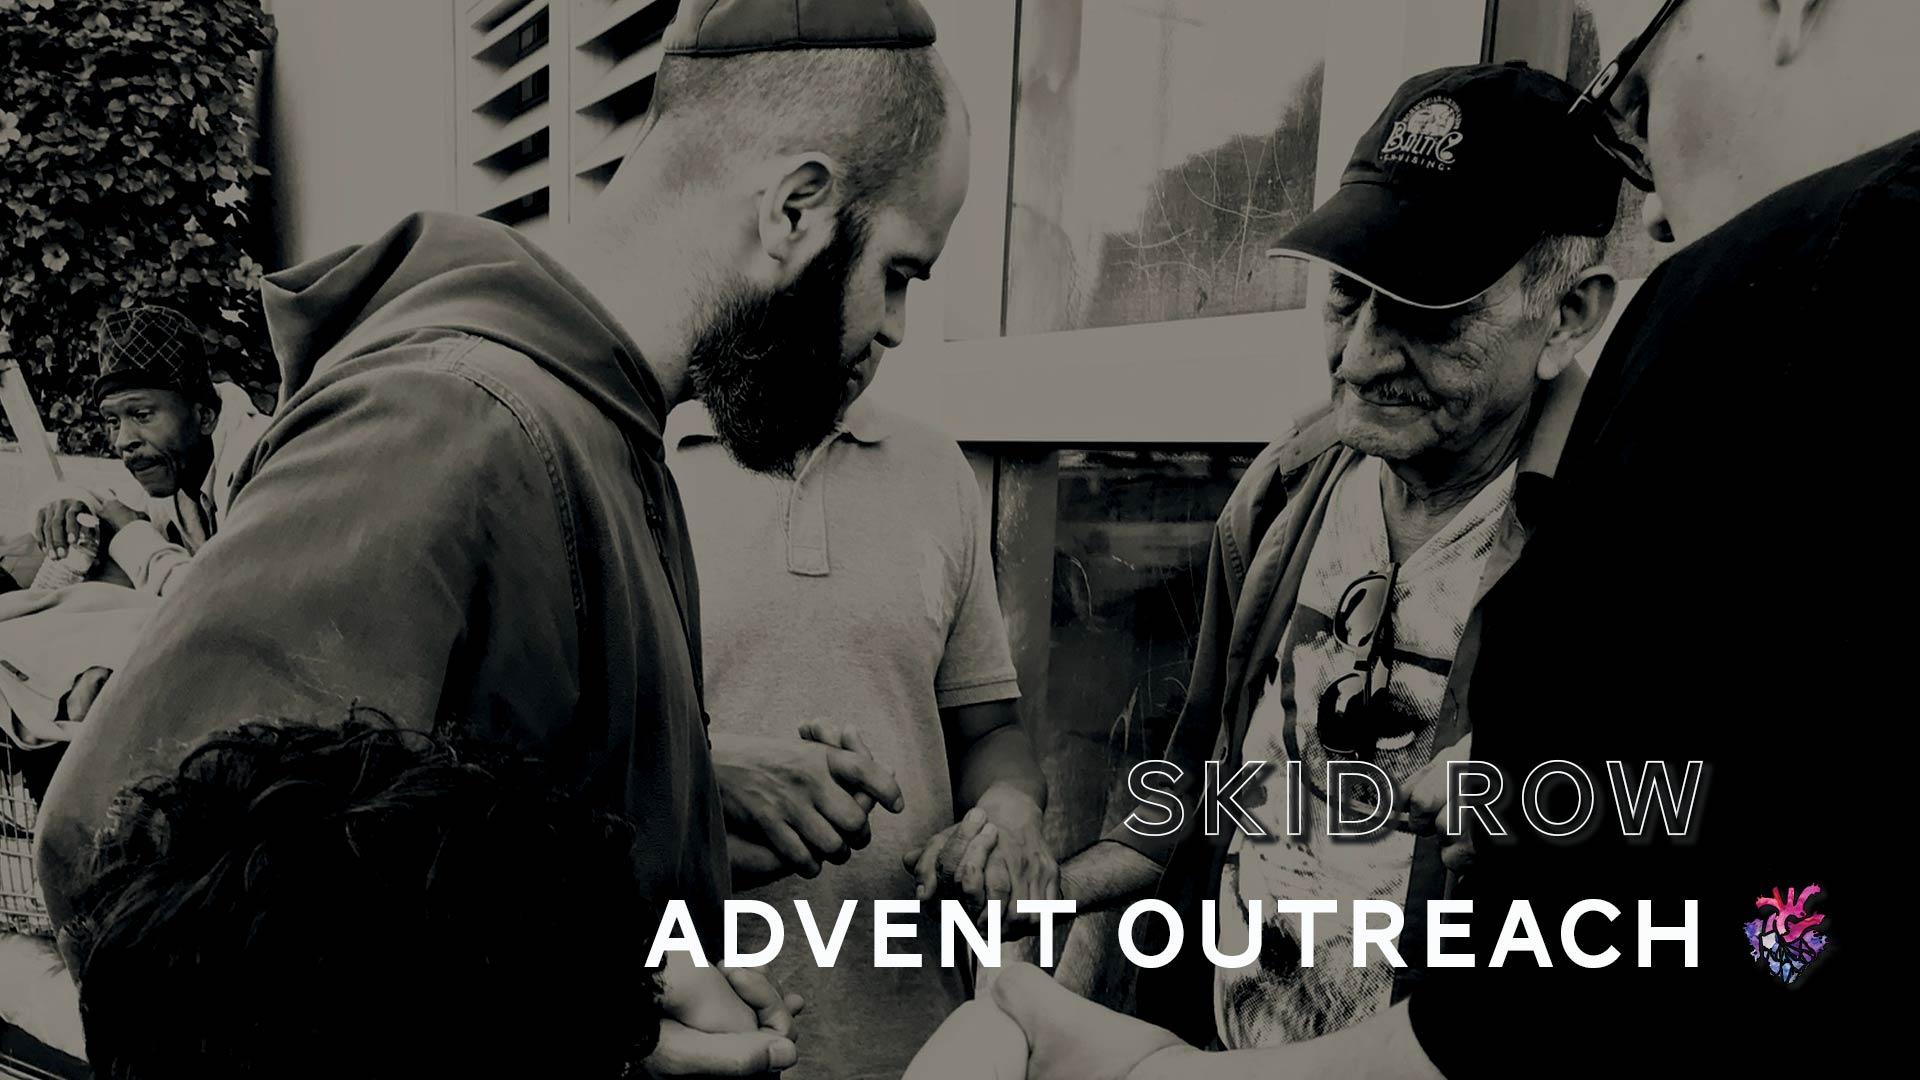 Skid-Row-Advent-Outreach.jpg